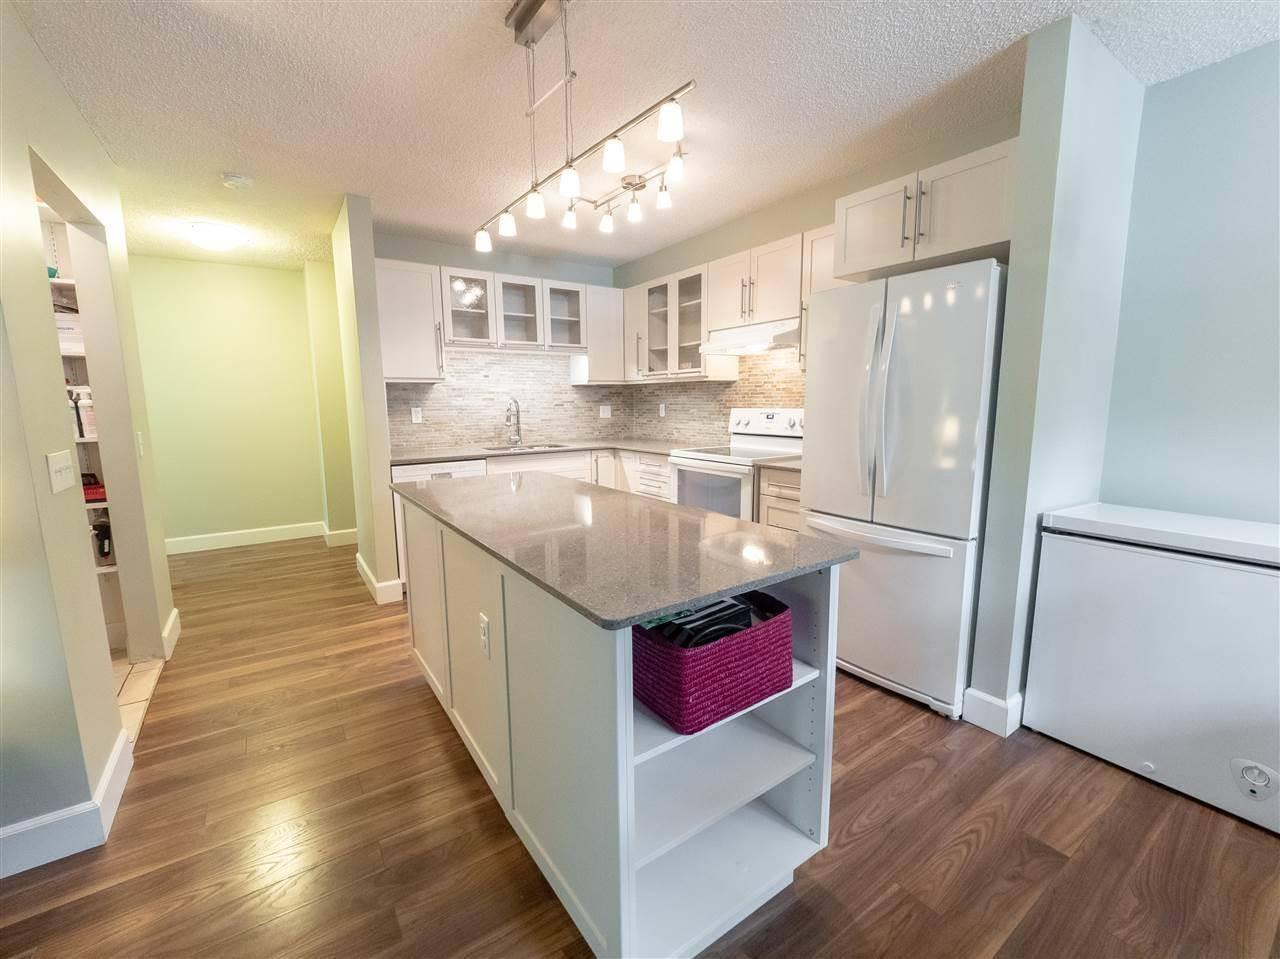 Condo for sale at 11115 80 Ave Nw Unit 102 Edmonton Alberta - MLS: E4163827